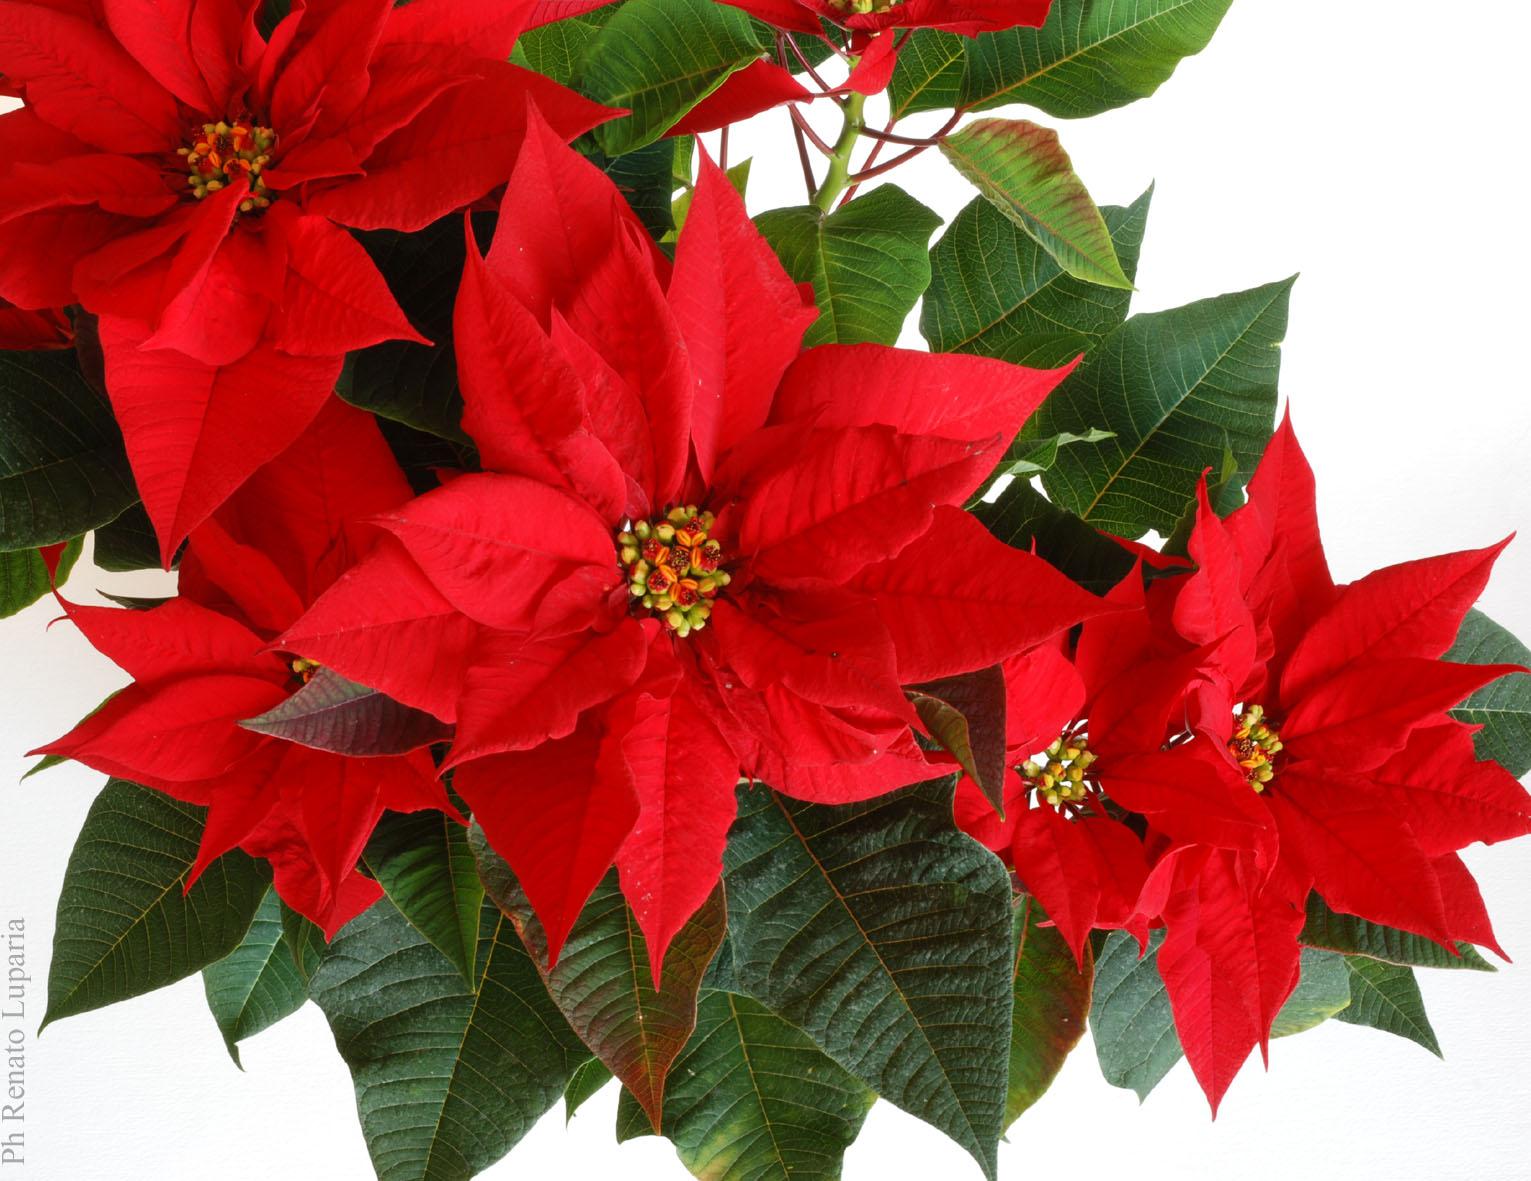 Airc Stella Di Natale.La Stella Di Natale Di Nadia Presotto E Renato Luparia